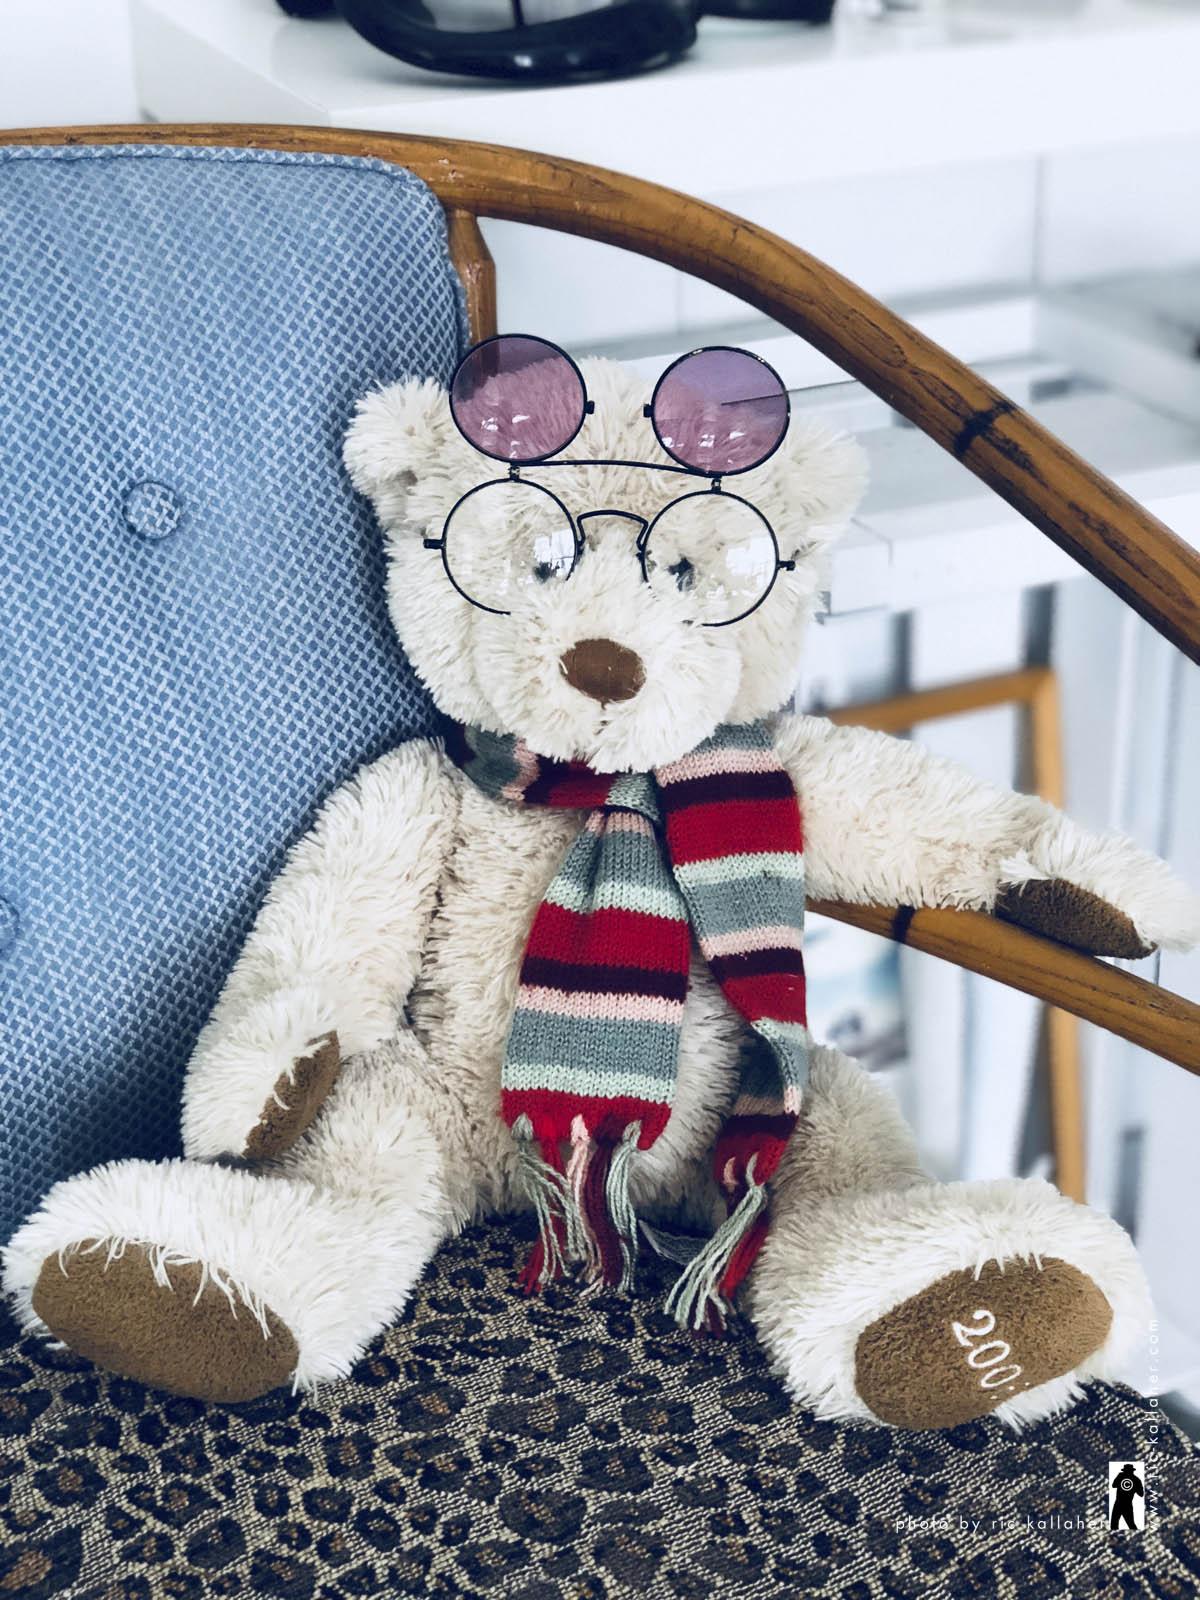 ric-kallaher-photo-placeholder-teddy-bear.jpg